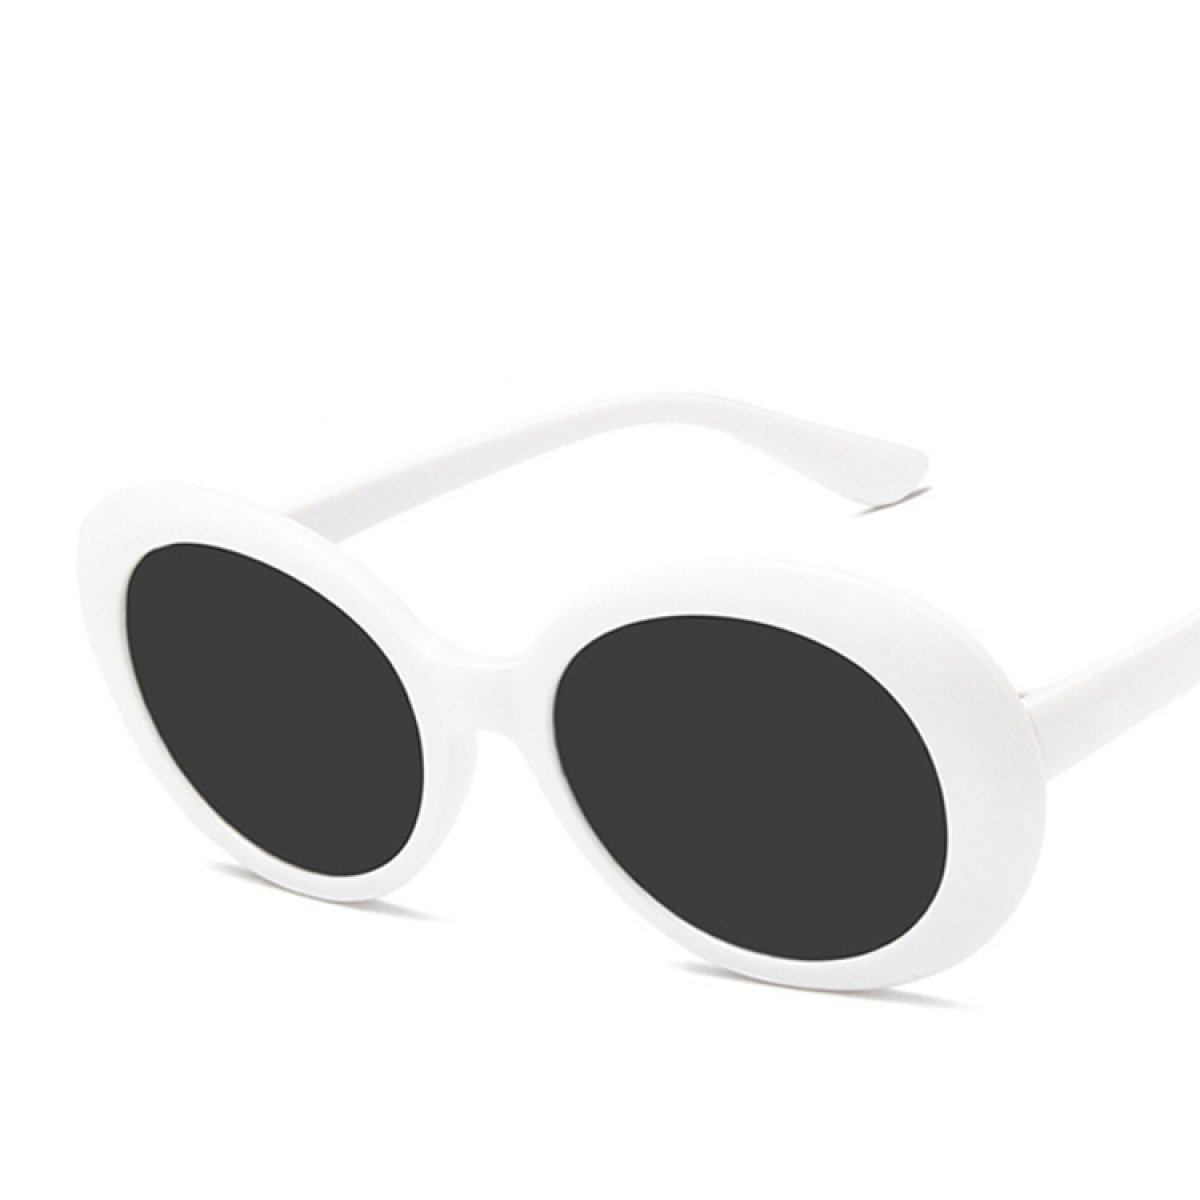 LQABW 2018 Neue Ovale UV-Schutz Vintage-Stil Funky Sonnenbrillen Für Frauen Und Männer,A